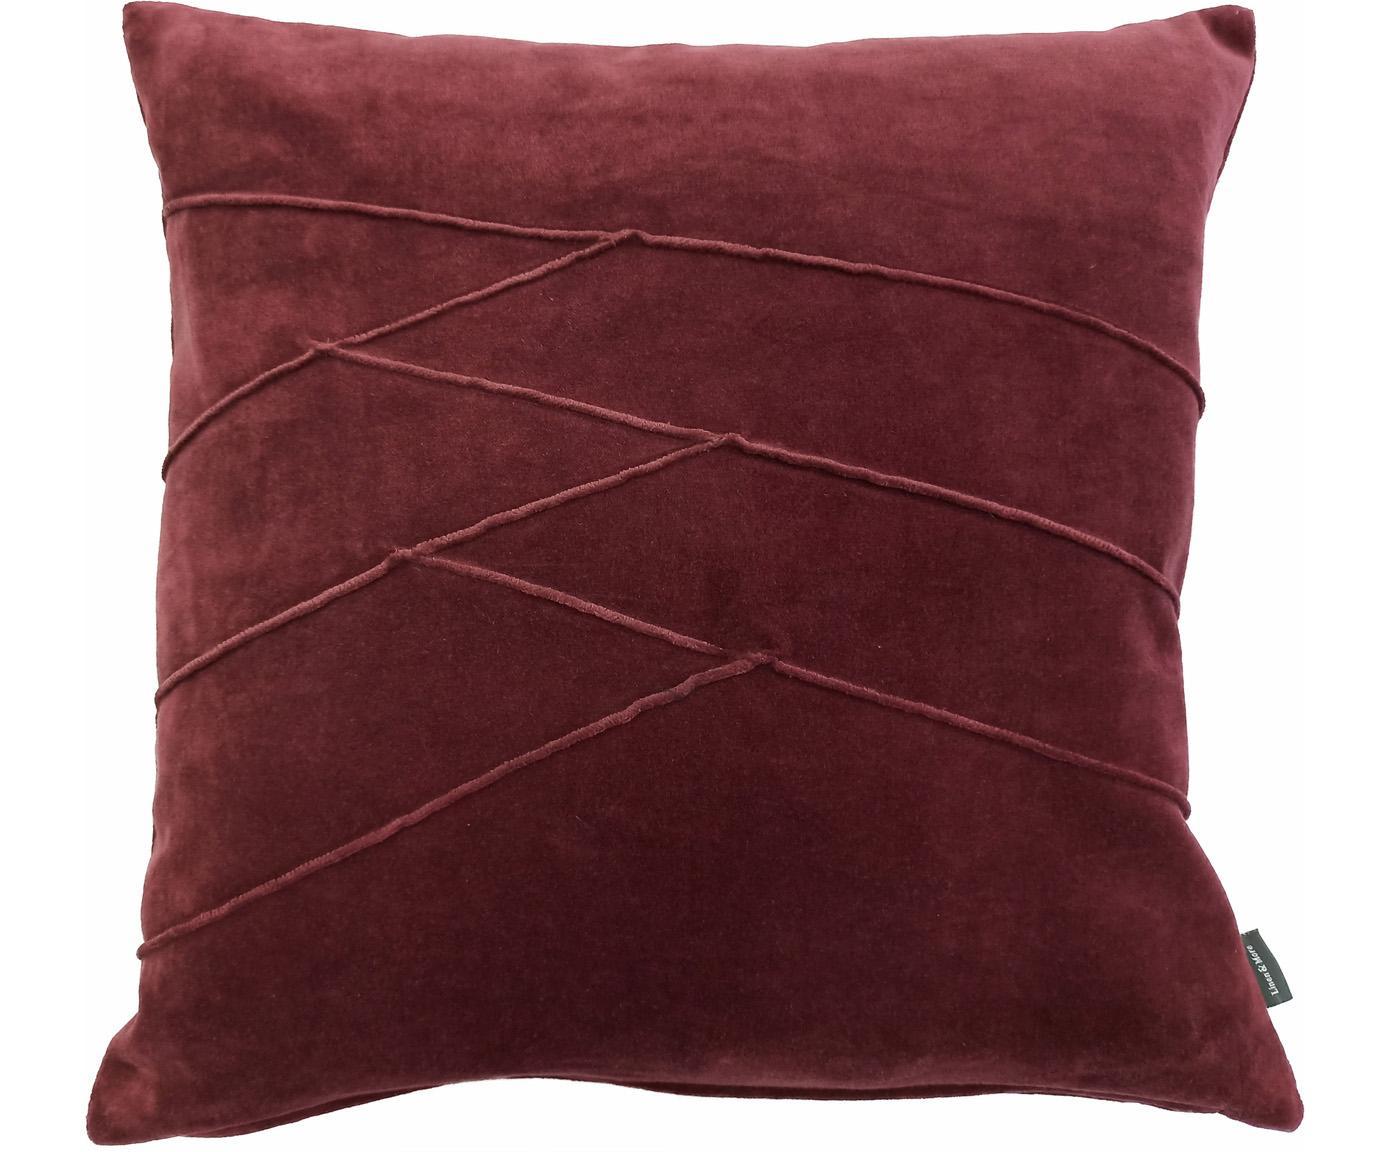 Cojín de terciopelo Pintuck, con relleno, Funda: 55%rayón, 45%algodón, Rojo burdeos, An 45 x L 45 cm